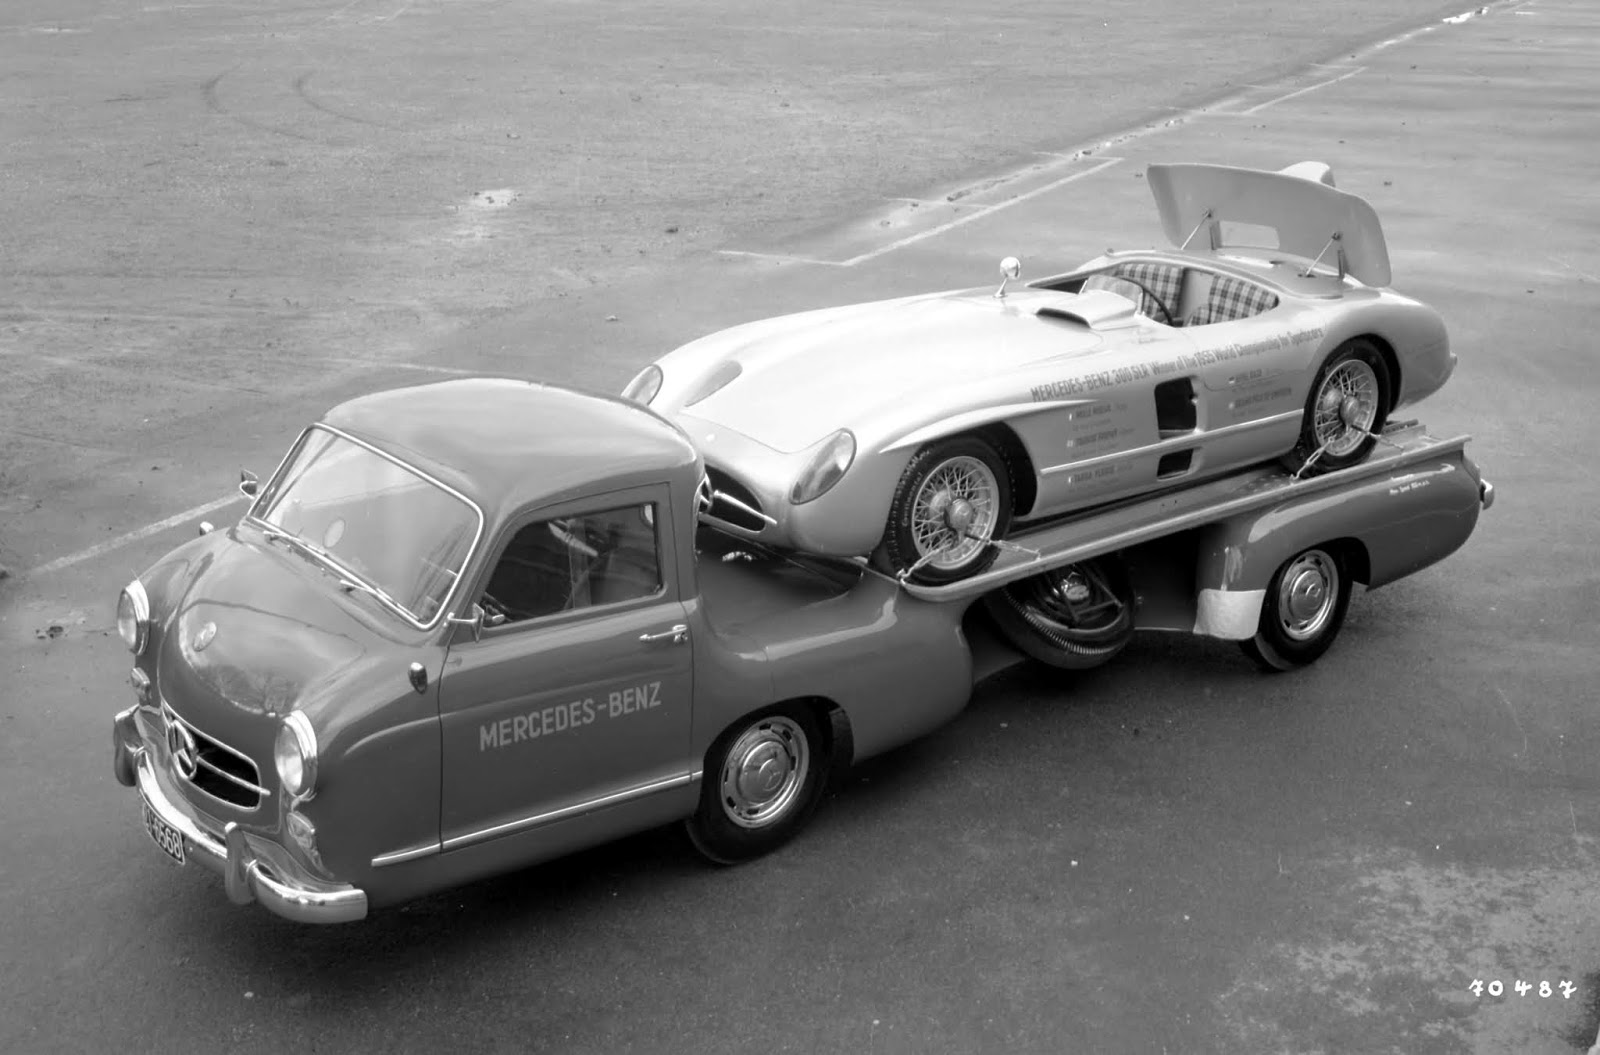 70487 Ποια είναι η θρυλική 300 SLR 300 SLR, Benz, Mercedes, Mercedes Benz, retrocar, retrocar sunday, vintage, zblog